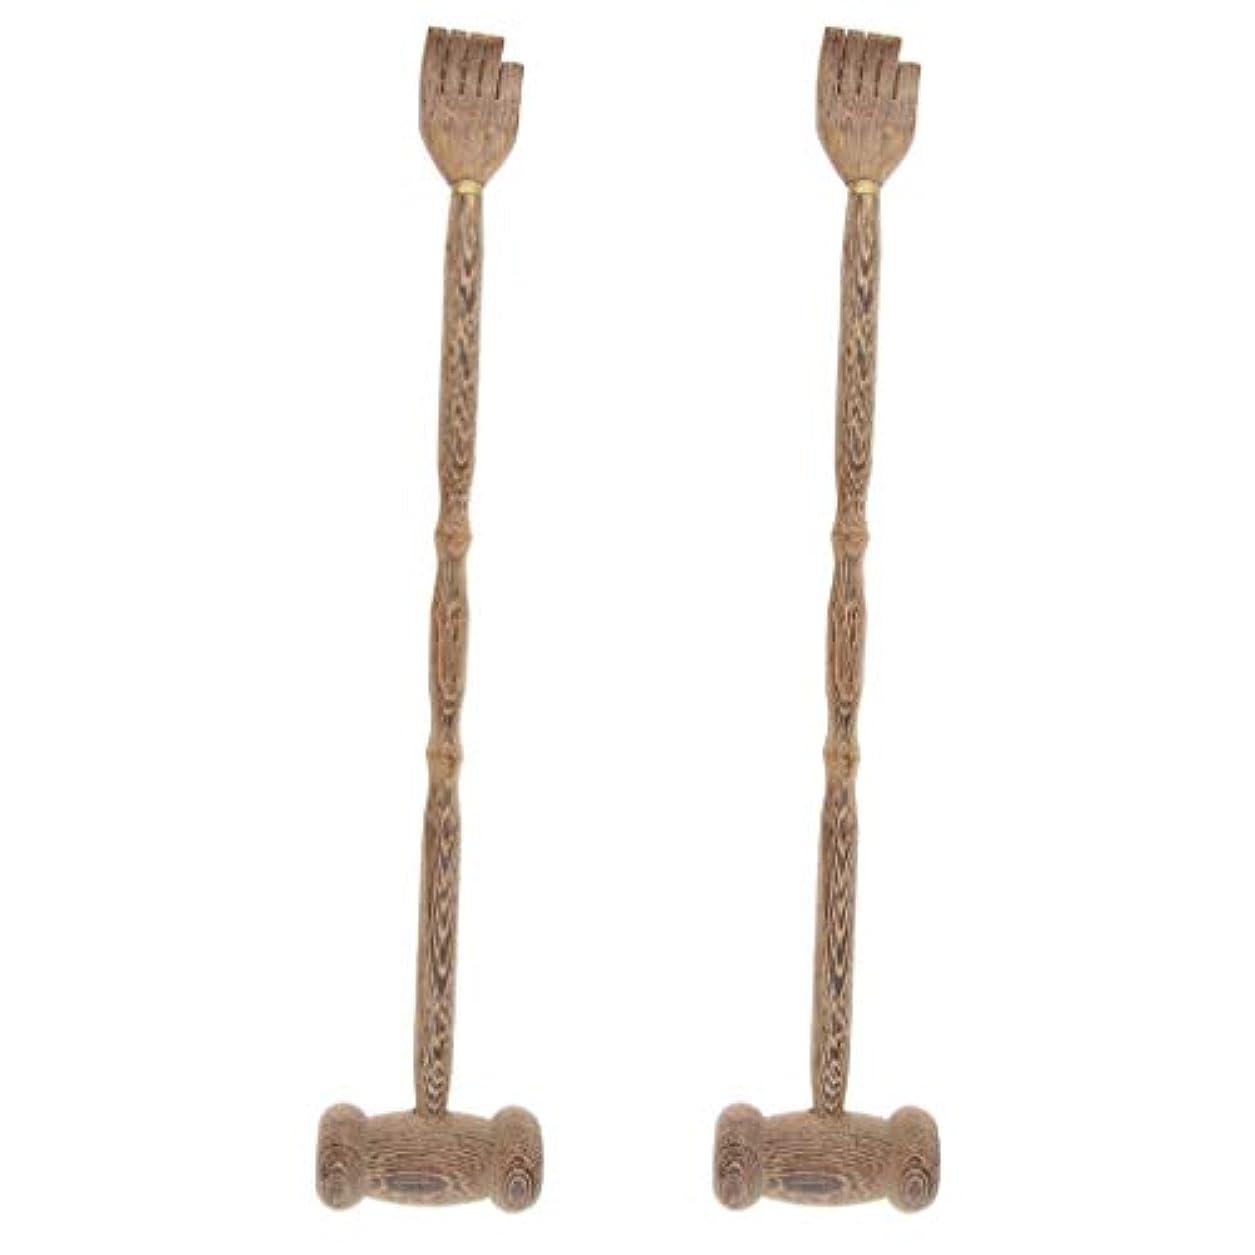 地雷原成功ゆりかごB Blesiya マッサージハンマー ハンマーノック ボディマッサージ クロー 木製 多機能 贈り物 2個入